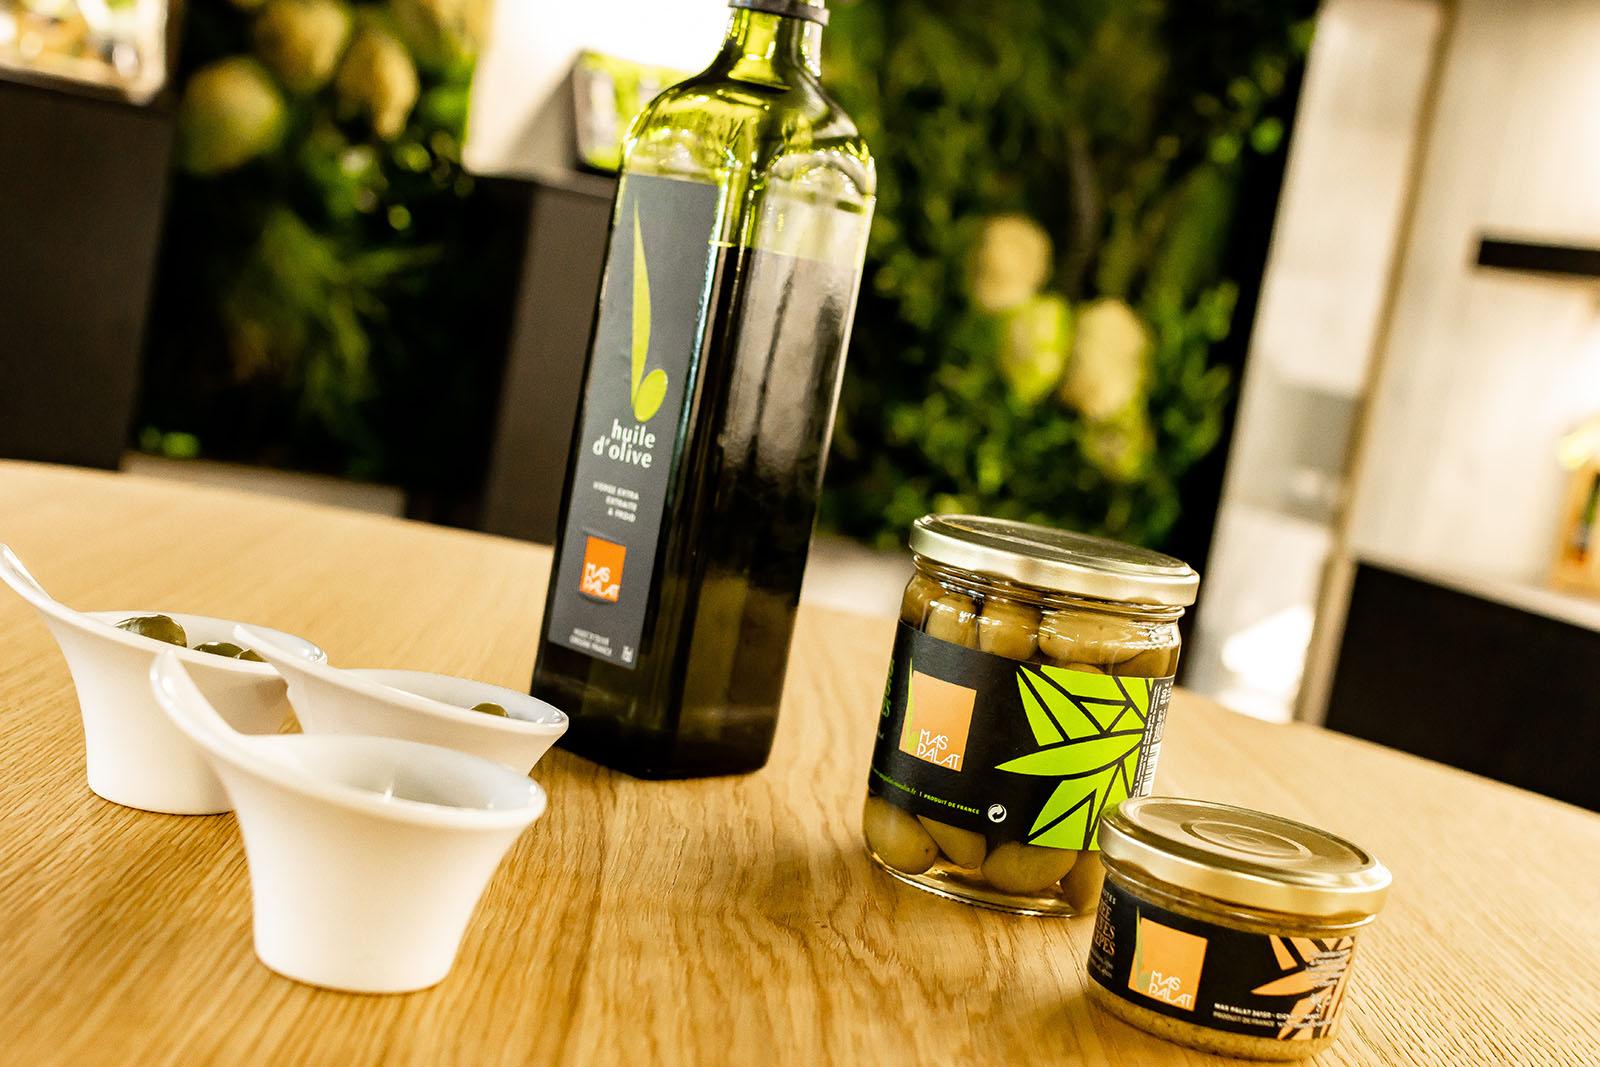 Huile d'olive, olives et tapenade du Moulin du Mas Palat - Hérault